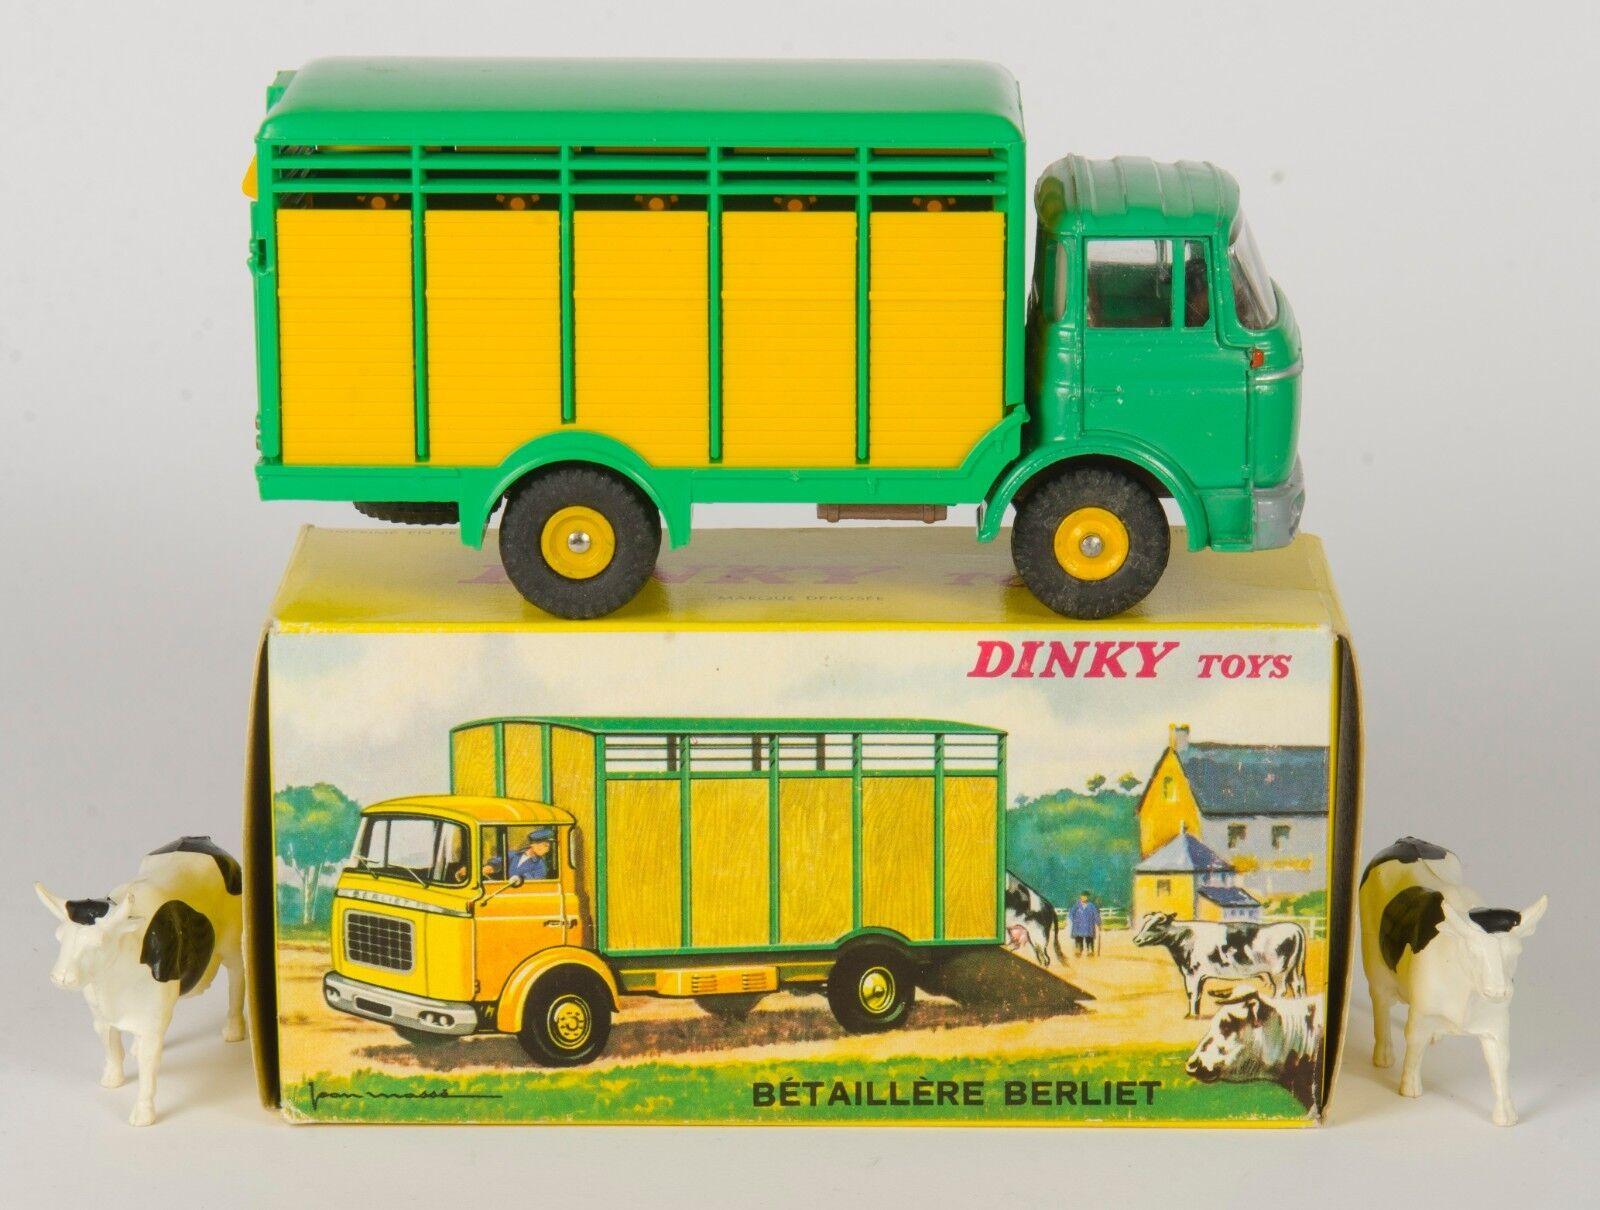 Ven a elegir tu propio estilo deportivo. Francés Dinky 577 Berliet Berliet Berliet ganado camión y 2 vacas. vnmint & boxed. 1965  punto de venta barato